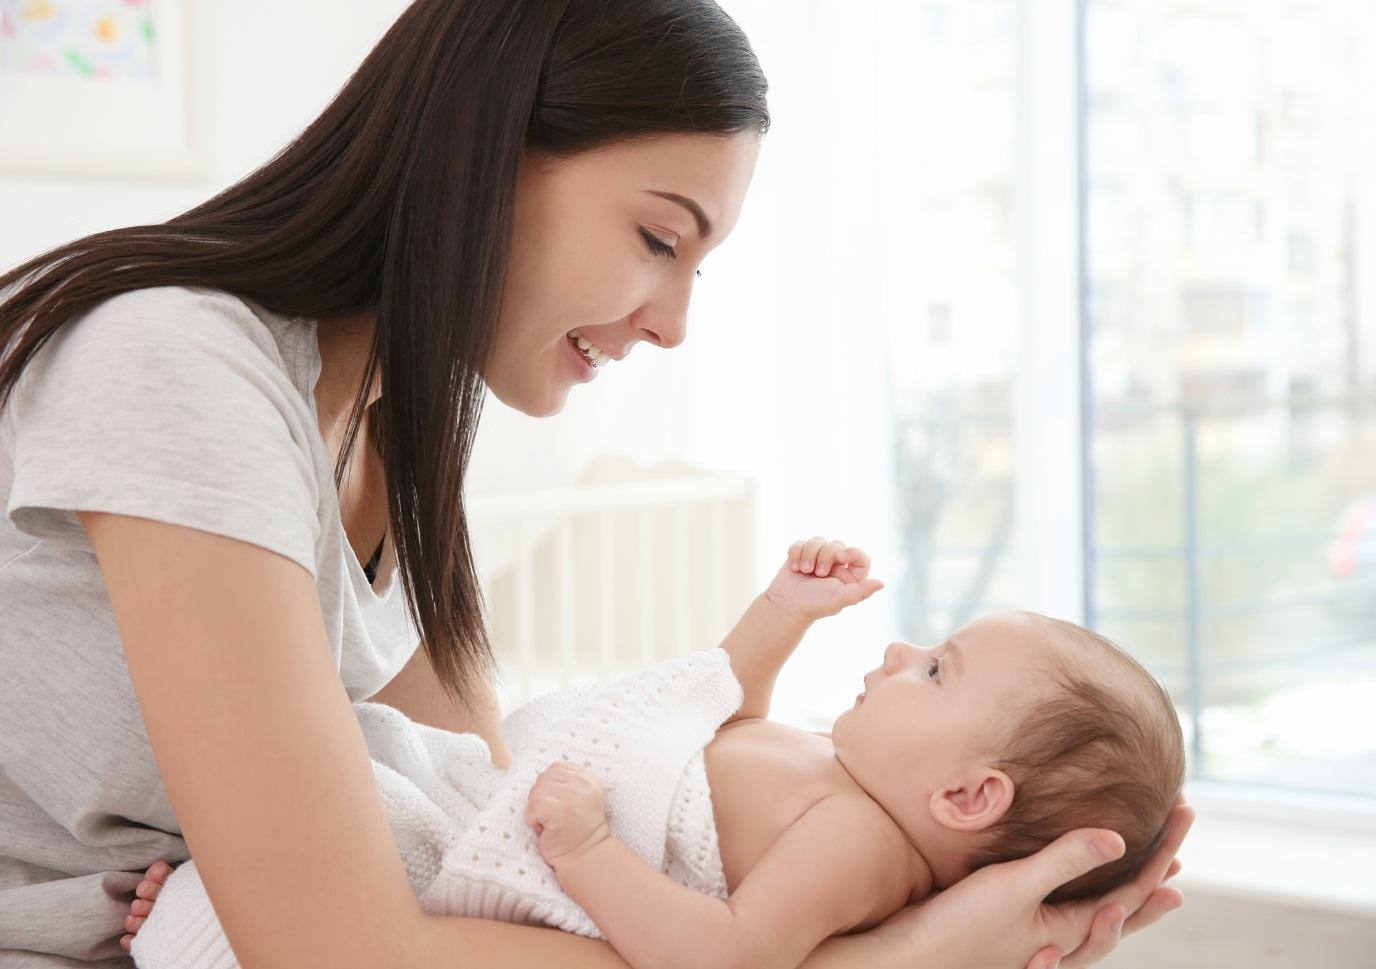 Atasi Perut Kembung Si Kecil, Salah Satunya dengan Minyak Telon Bayi